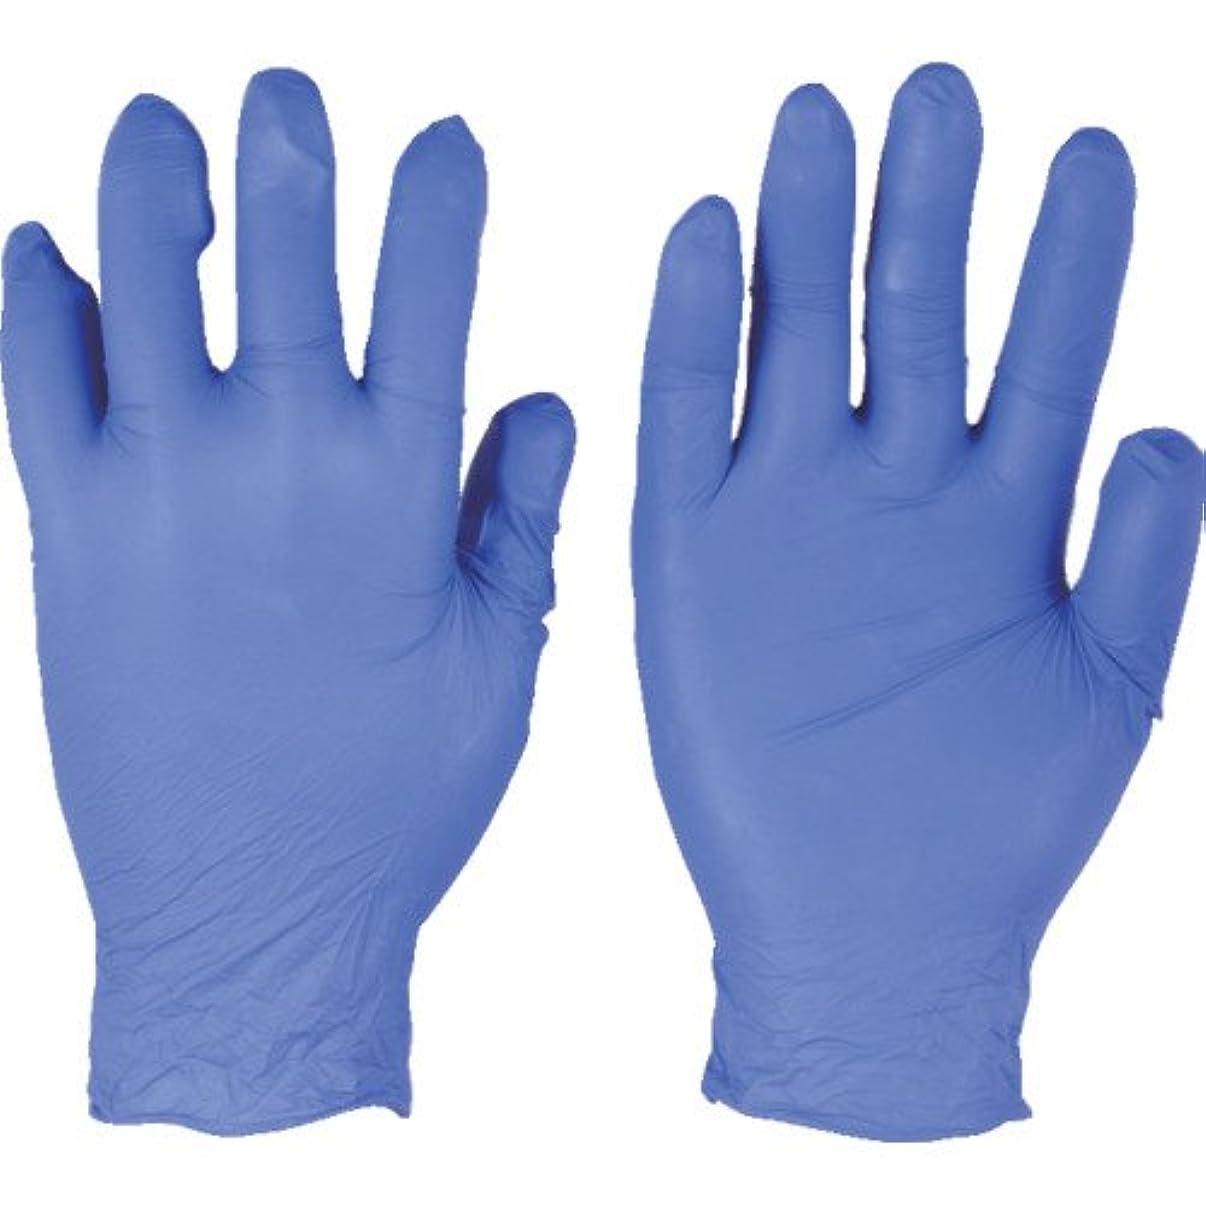 辛なスポーツをするドームトラスコ中山 アンセル ニトリルゴム使い捨て手袋 エッジ 82-133 Mサイズ(300枚入り)  (300枚入) 821338